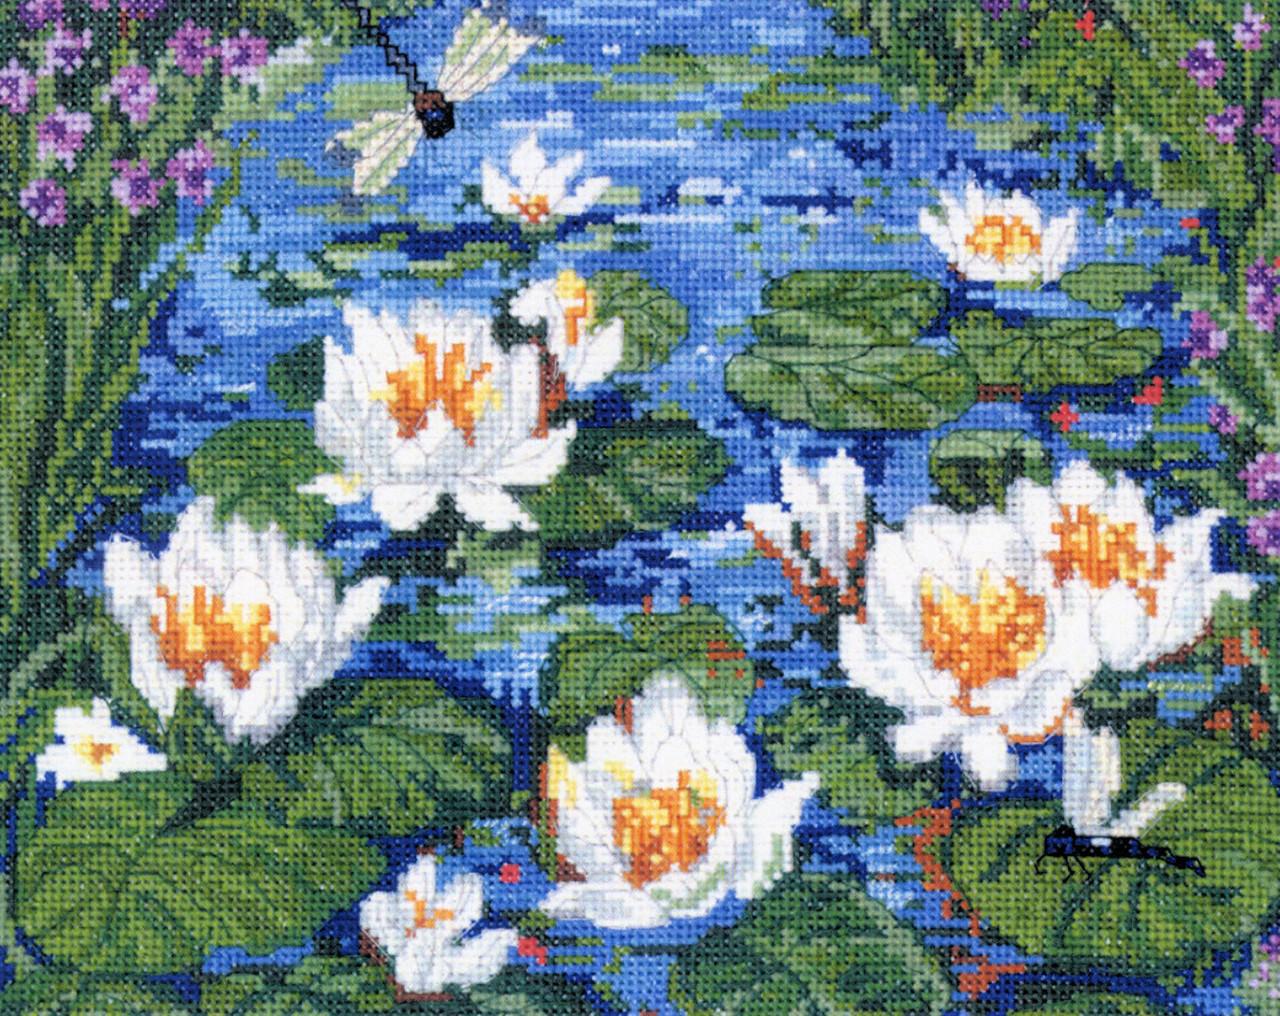 Candamar - Waterlily Garden